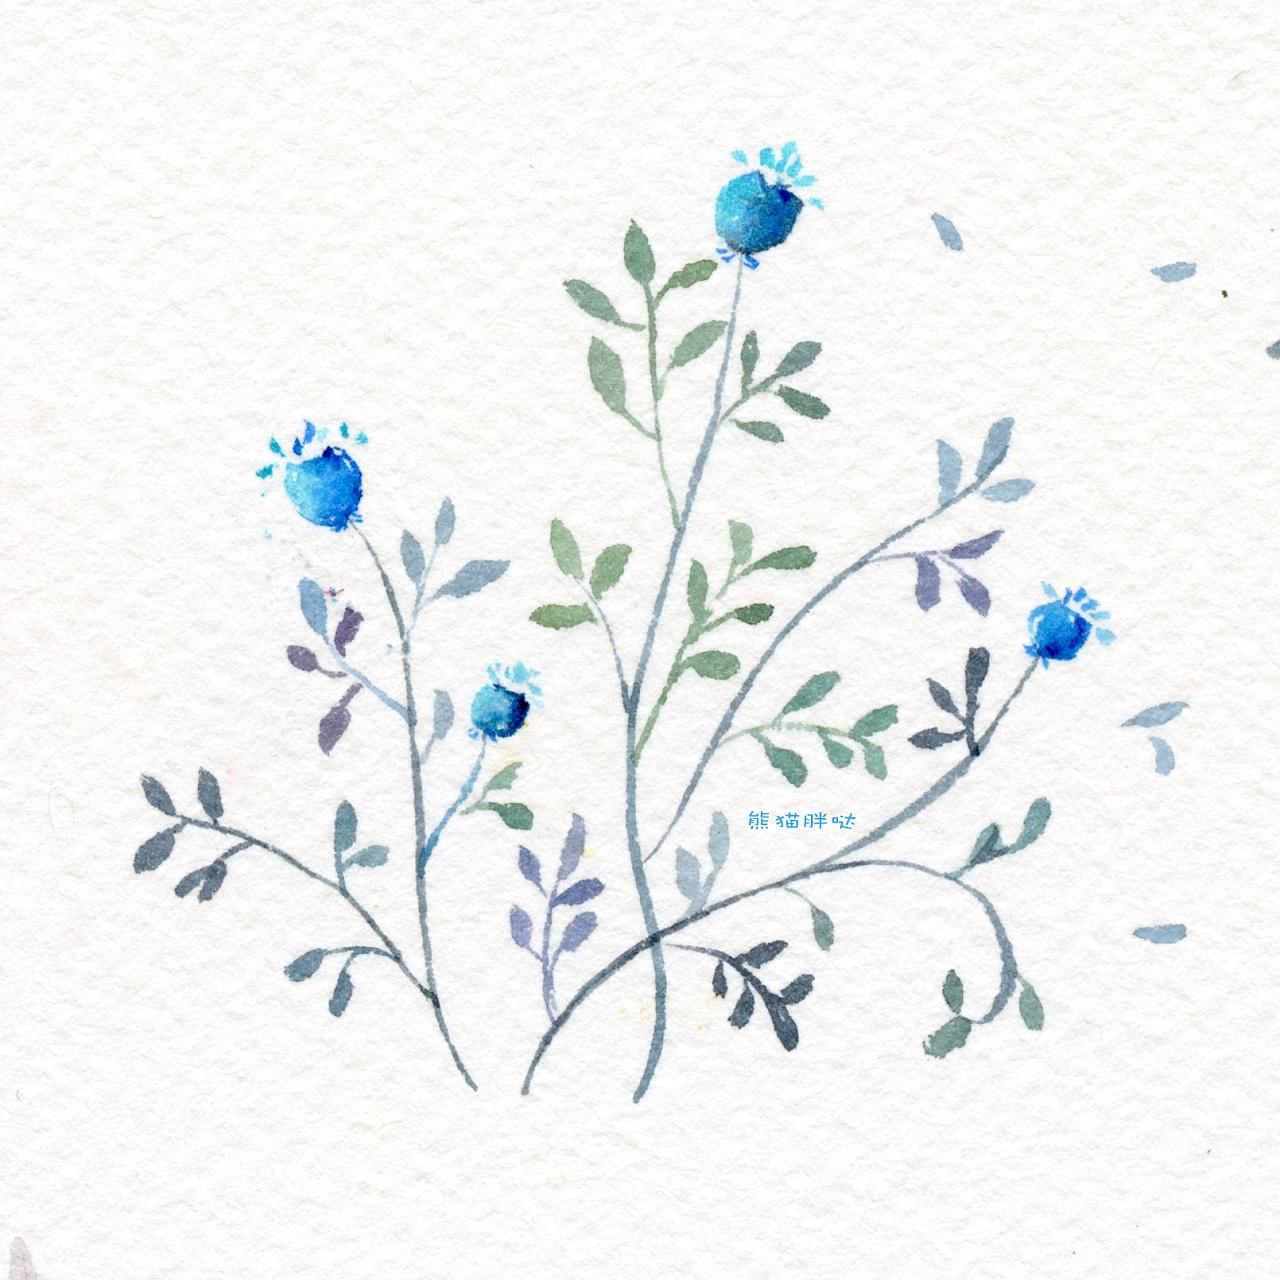 【小熊猫】水彩手绘花卉植物水彩插画教程小清新卡通插画的练成手帐手